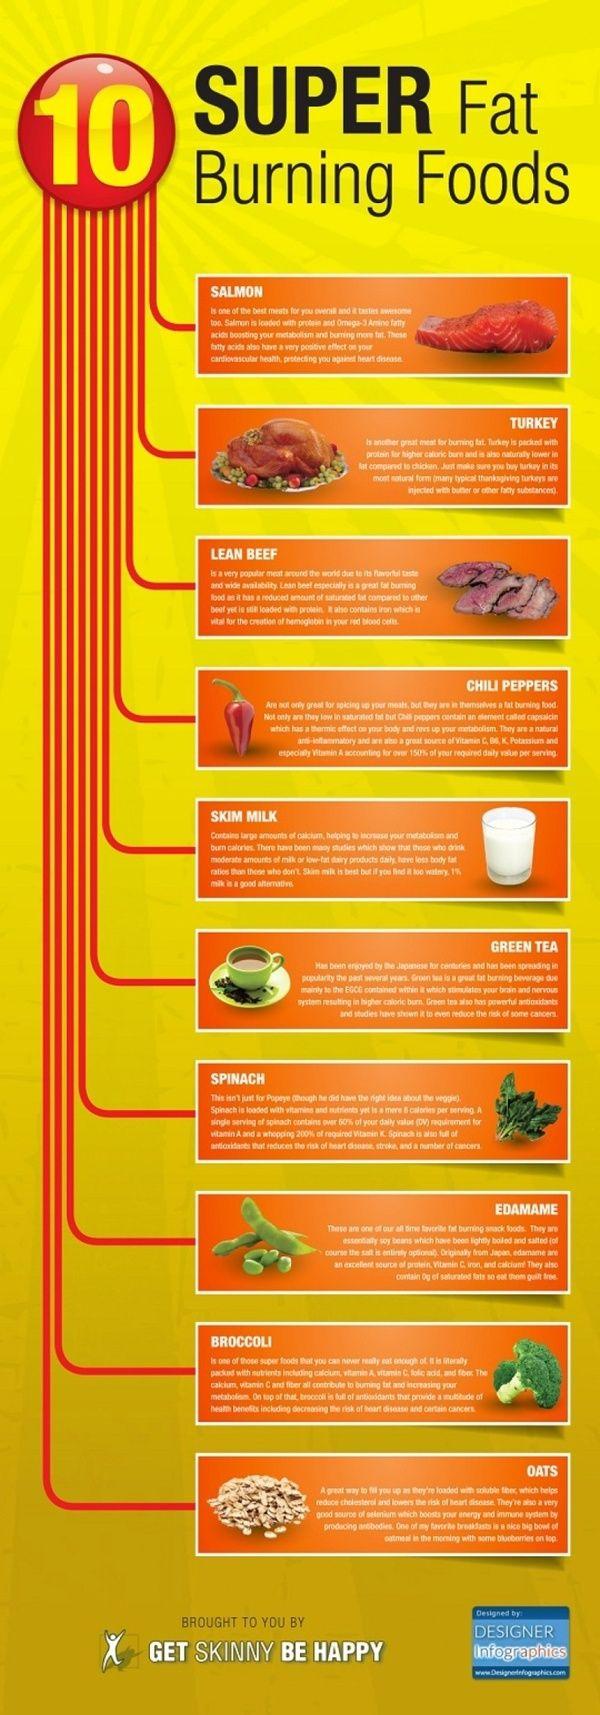 Top 10 #FatBurning Foods